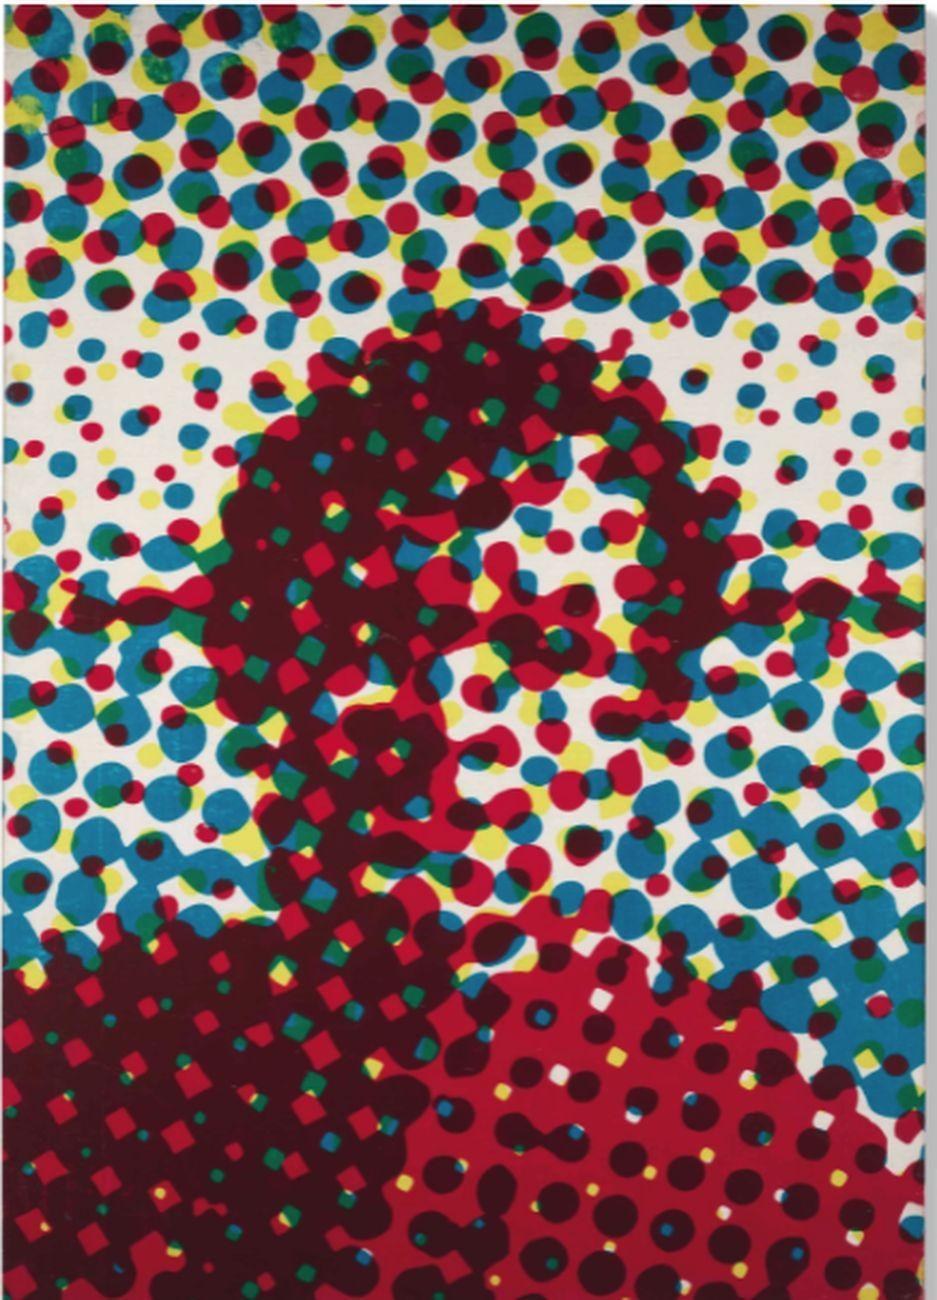 Alain Jacquet, Portrait d'homme bleu, rouge, jaune, 1964